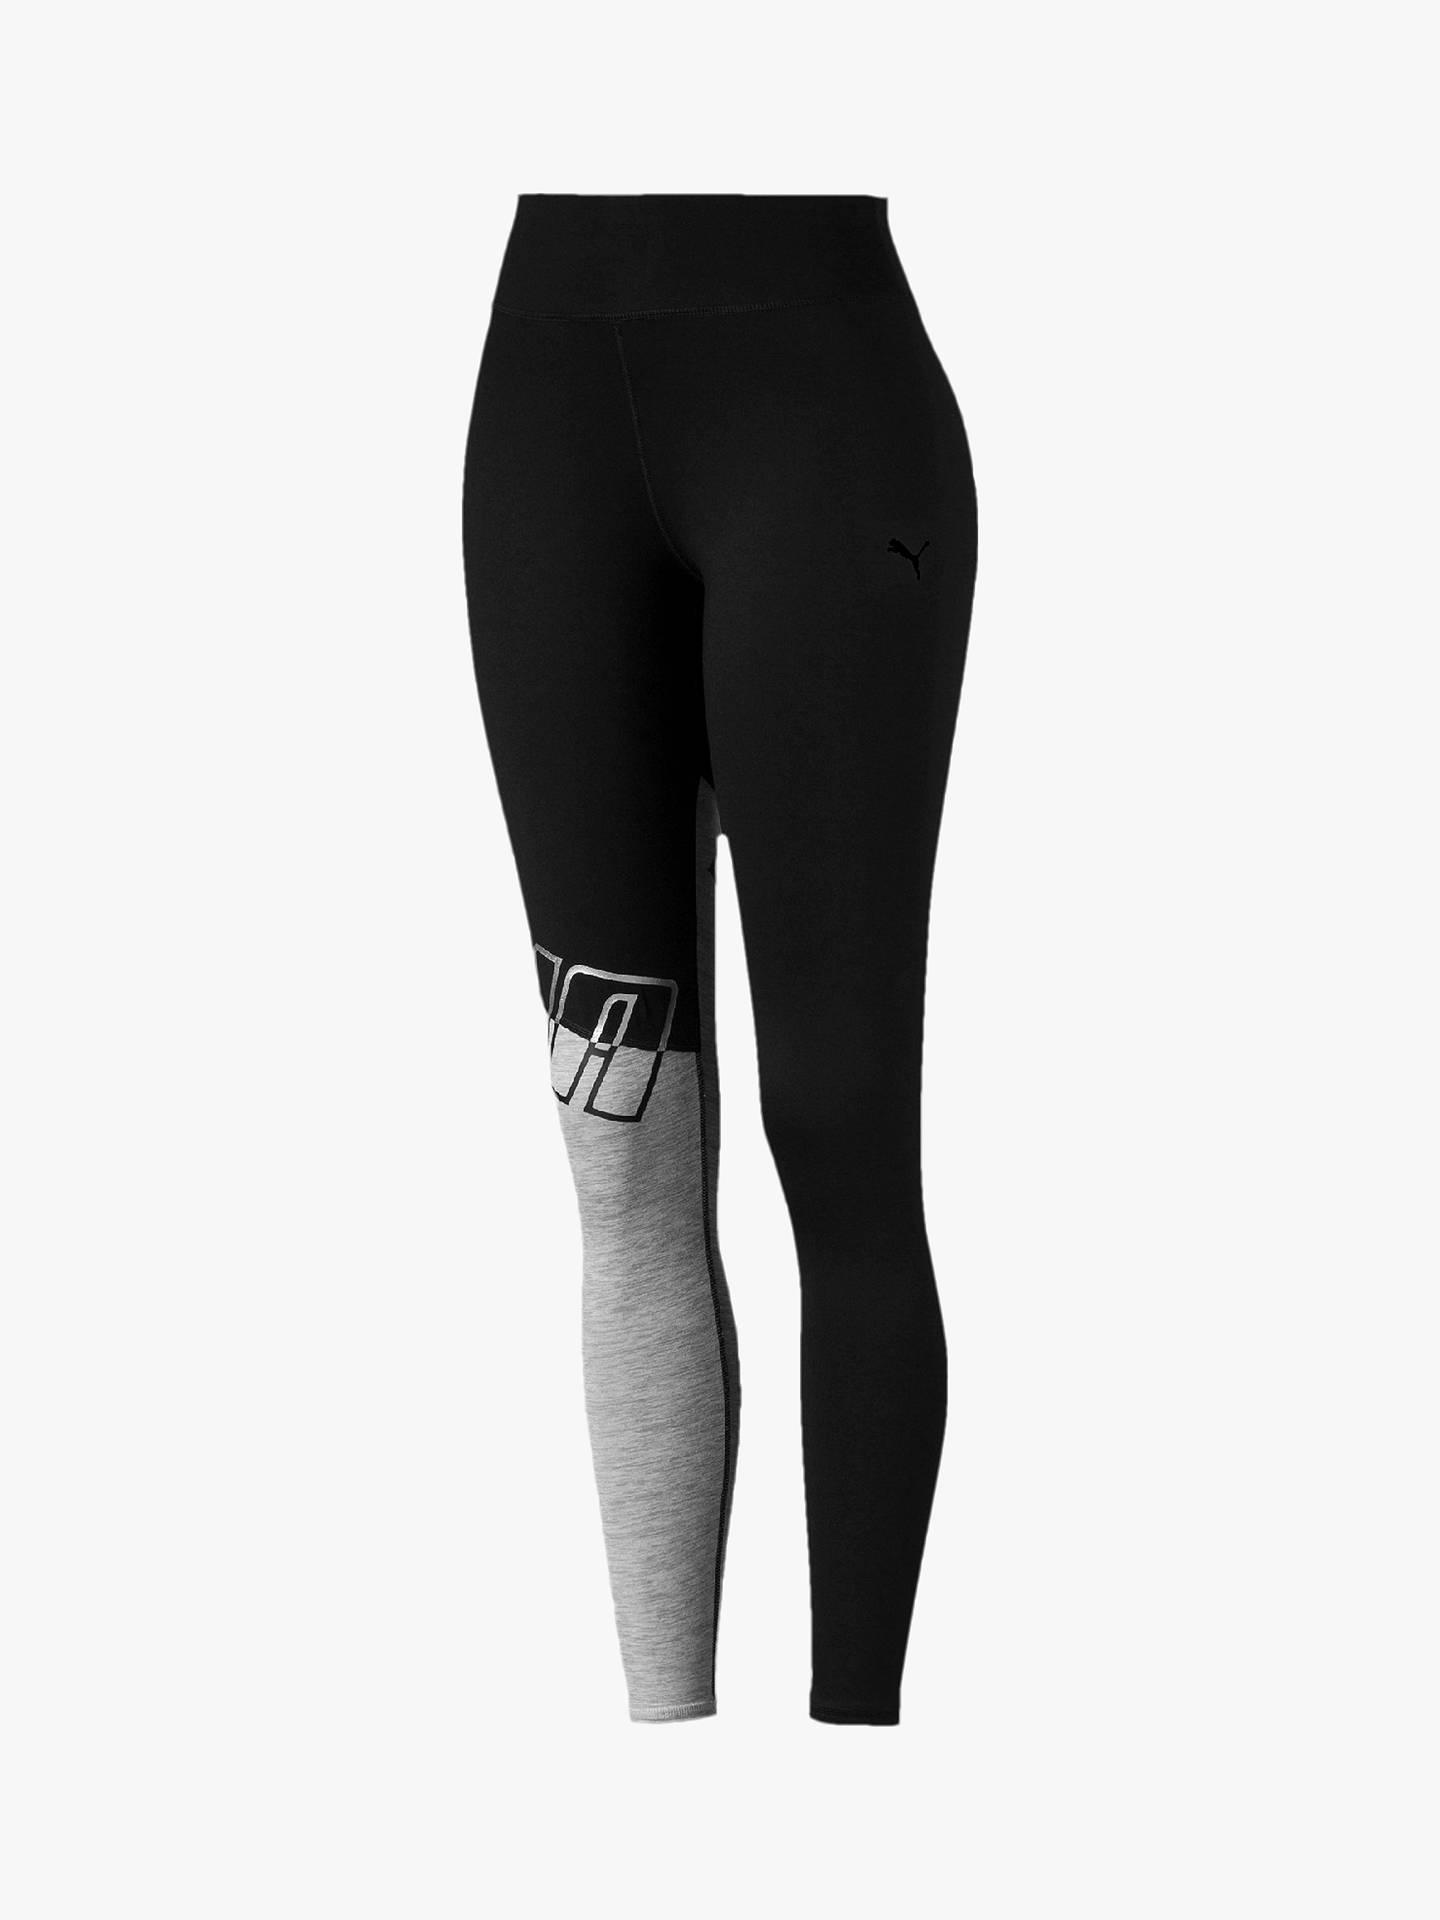 57ab9f88af Buy PUMA All Me 7/8 Training Leggings, Black/Dark Grey Heather, ...